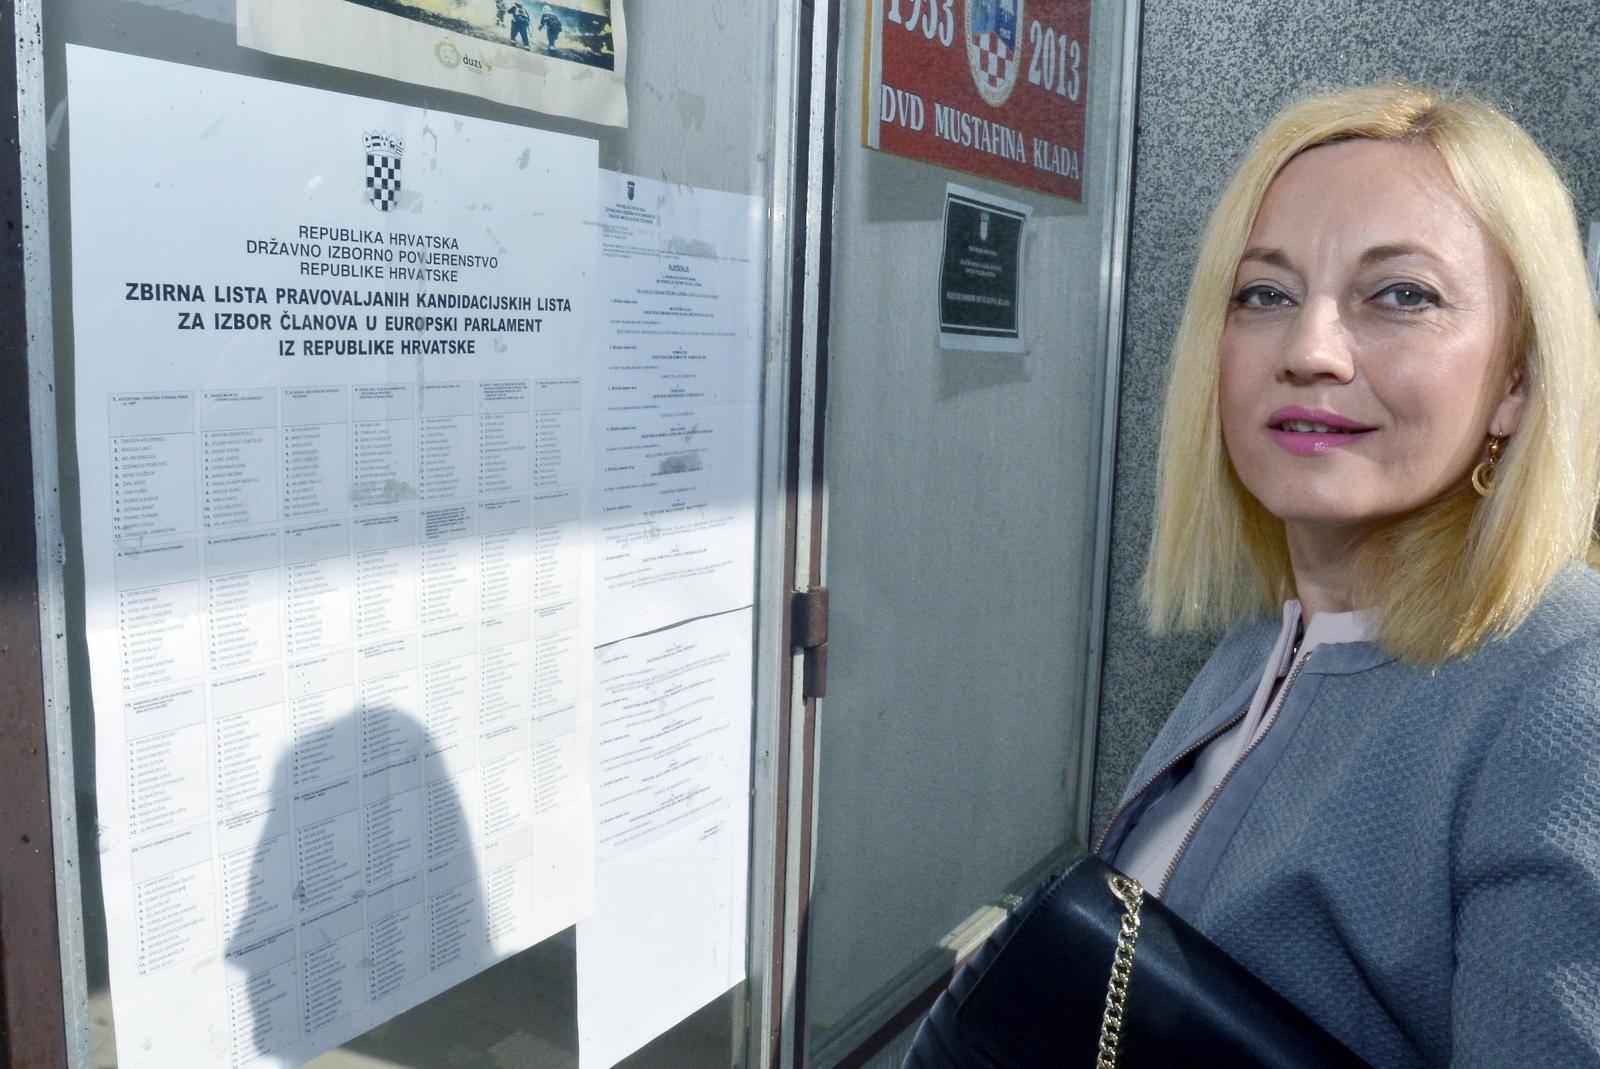 Marijana Petir glasovanje za Europski parlament obavila u Mustafinoj Kladi